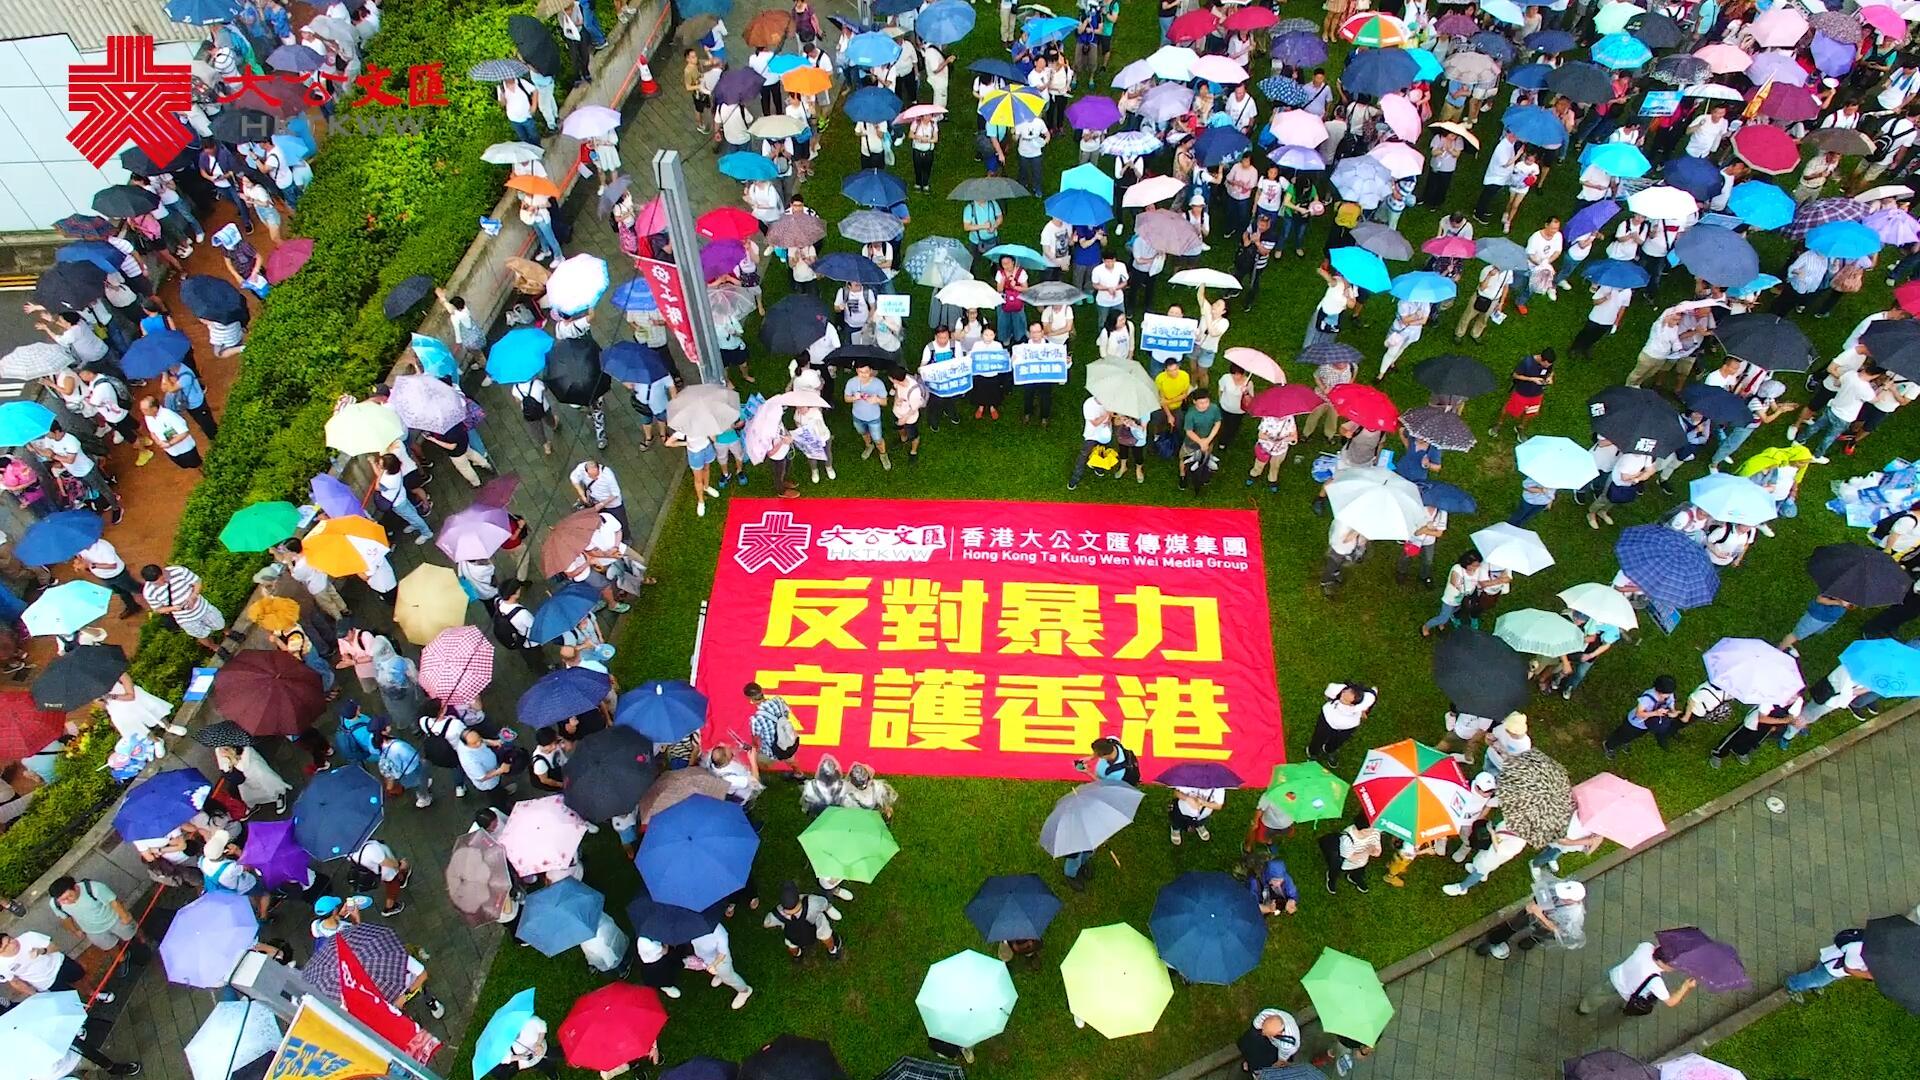 守護香港集會 | 震撼航拍 31萬人金鐘集會共同守護香港